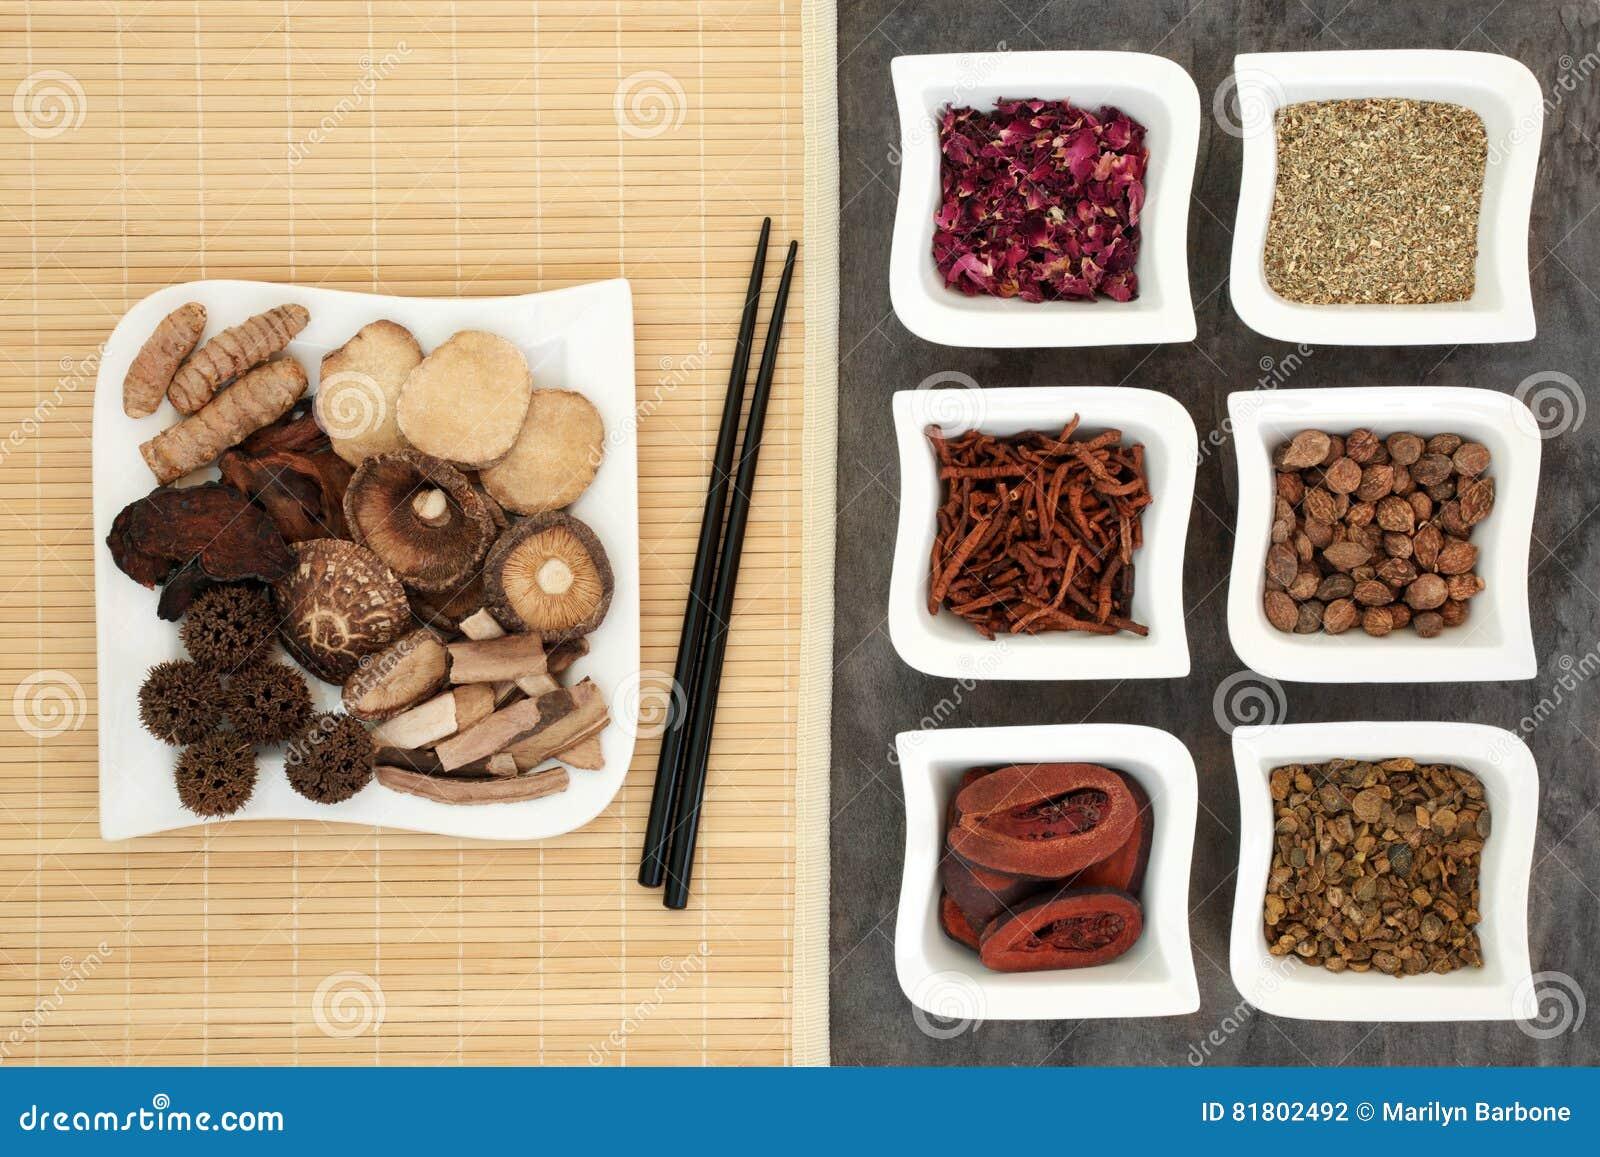 Китайская нетрадиционная медицина